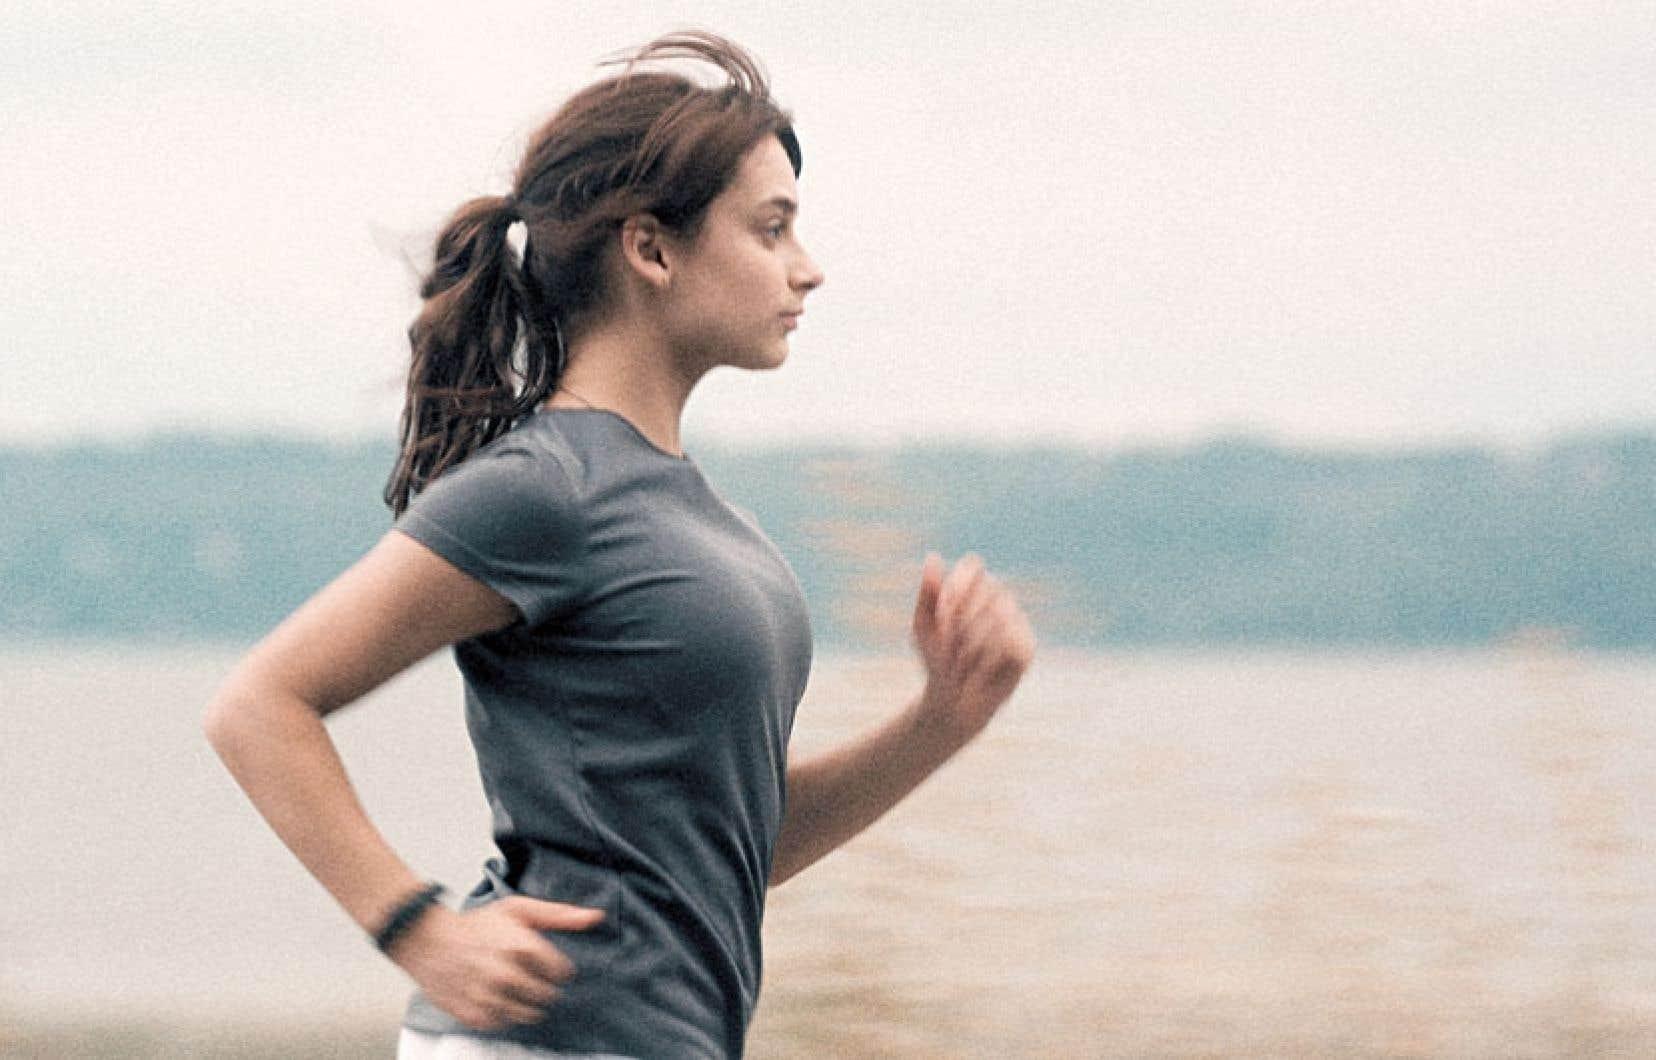 Sophie Desmarais interprète Sarah, une coureuse de demi-fond, peu loquace et dévouée à son sport.